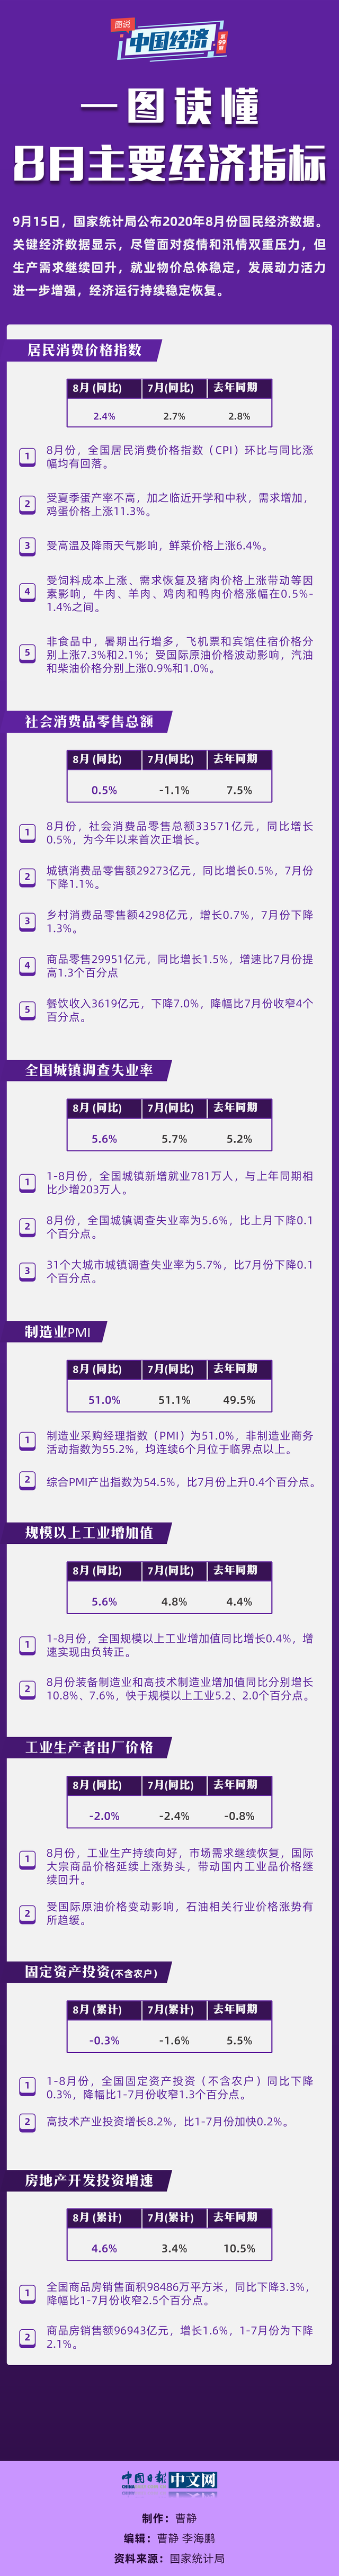 一图读懂中国经济8月份主要经济指标